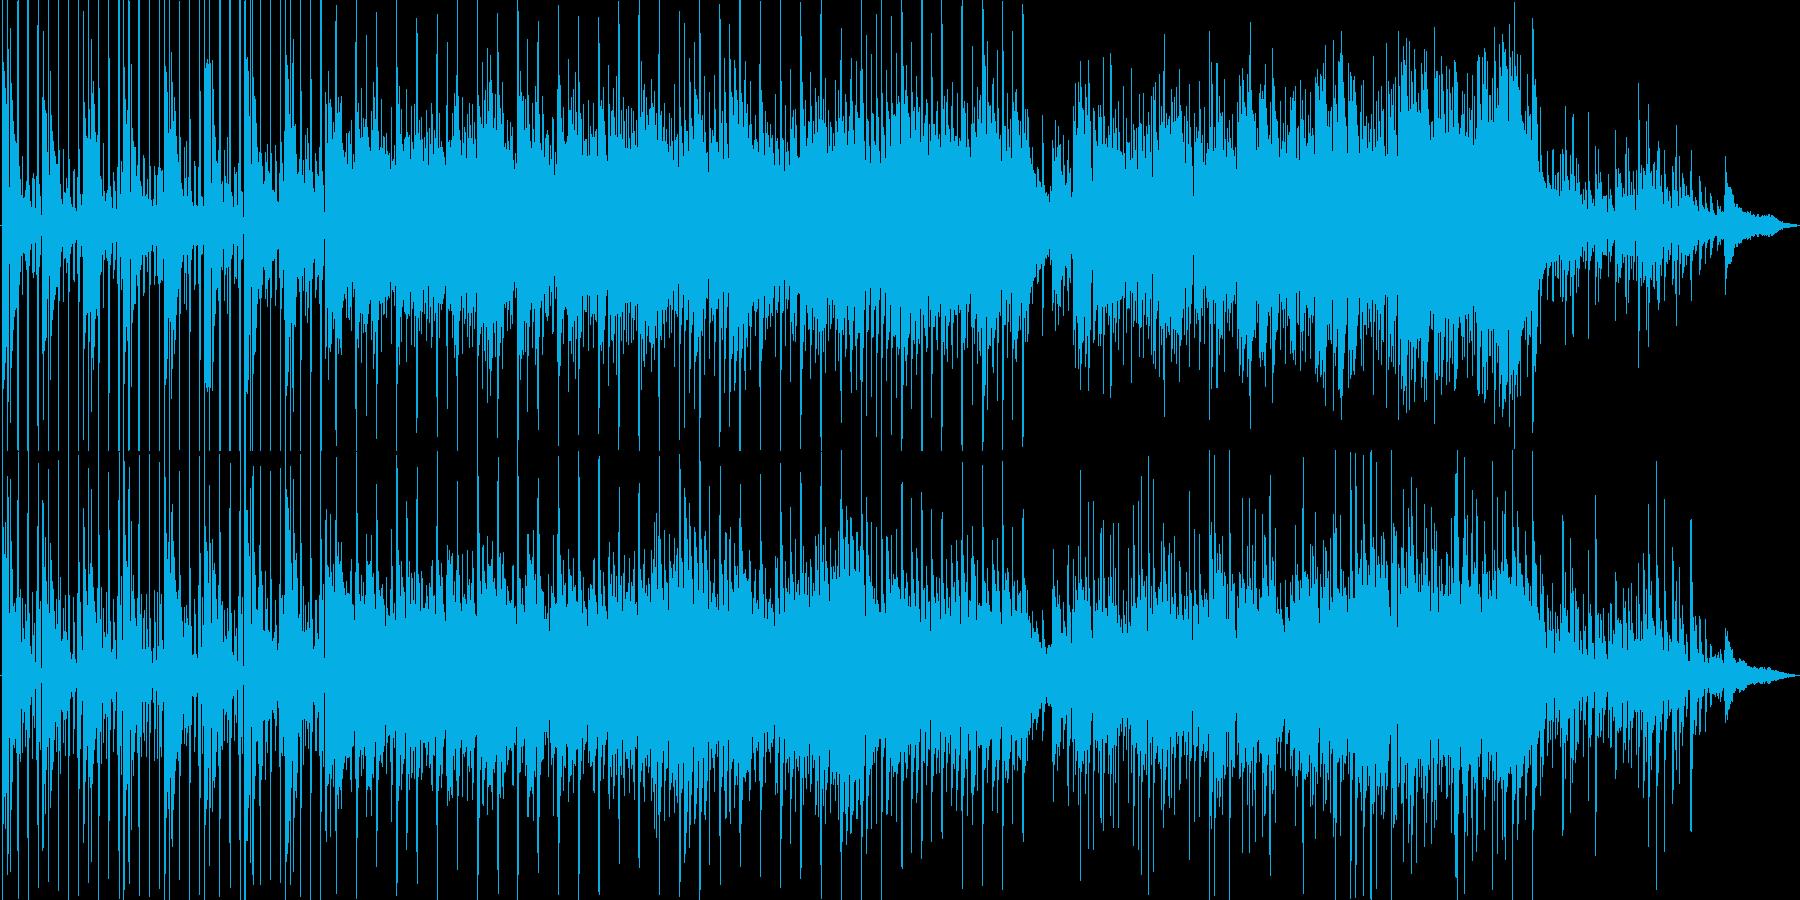 【ピアノ】映像制作オープニング・CM向けの再生済みの波形